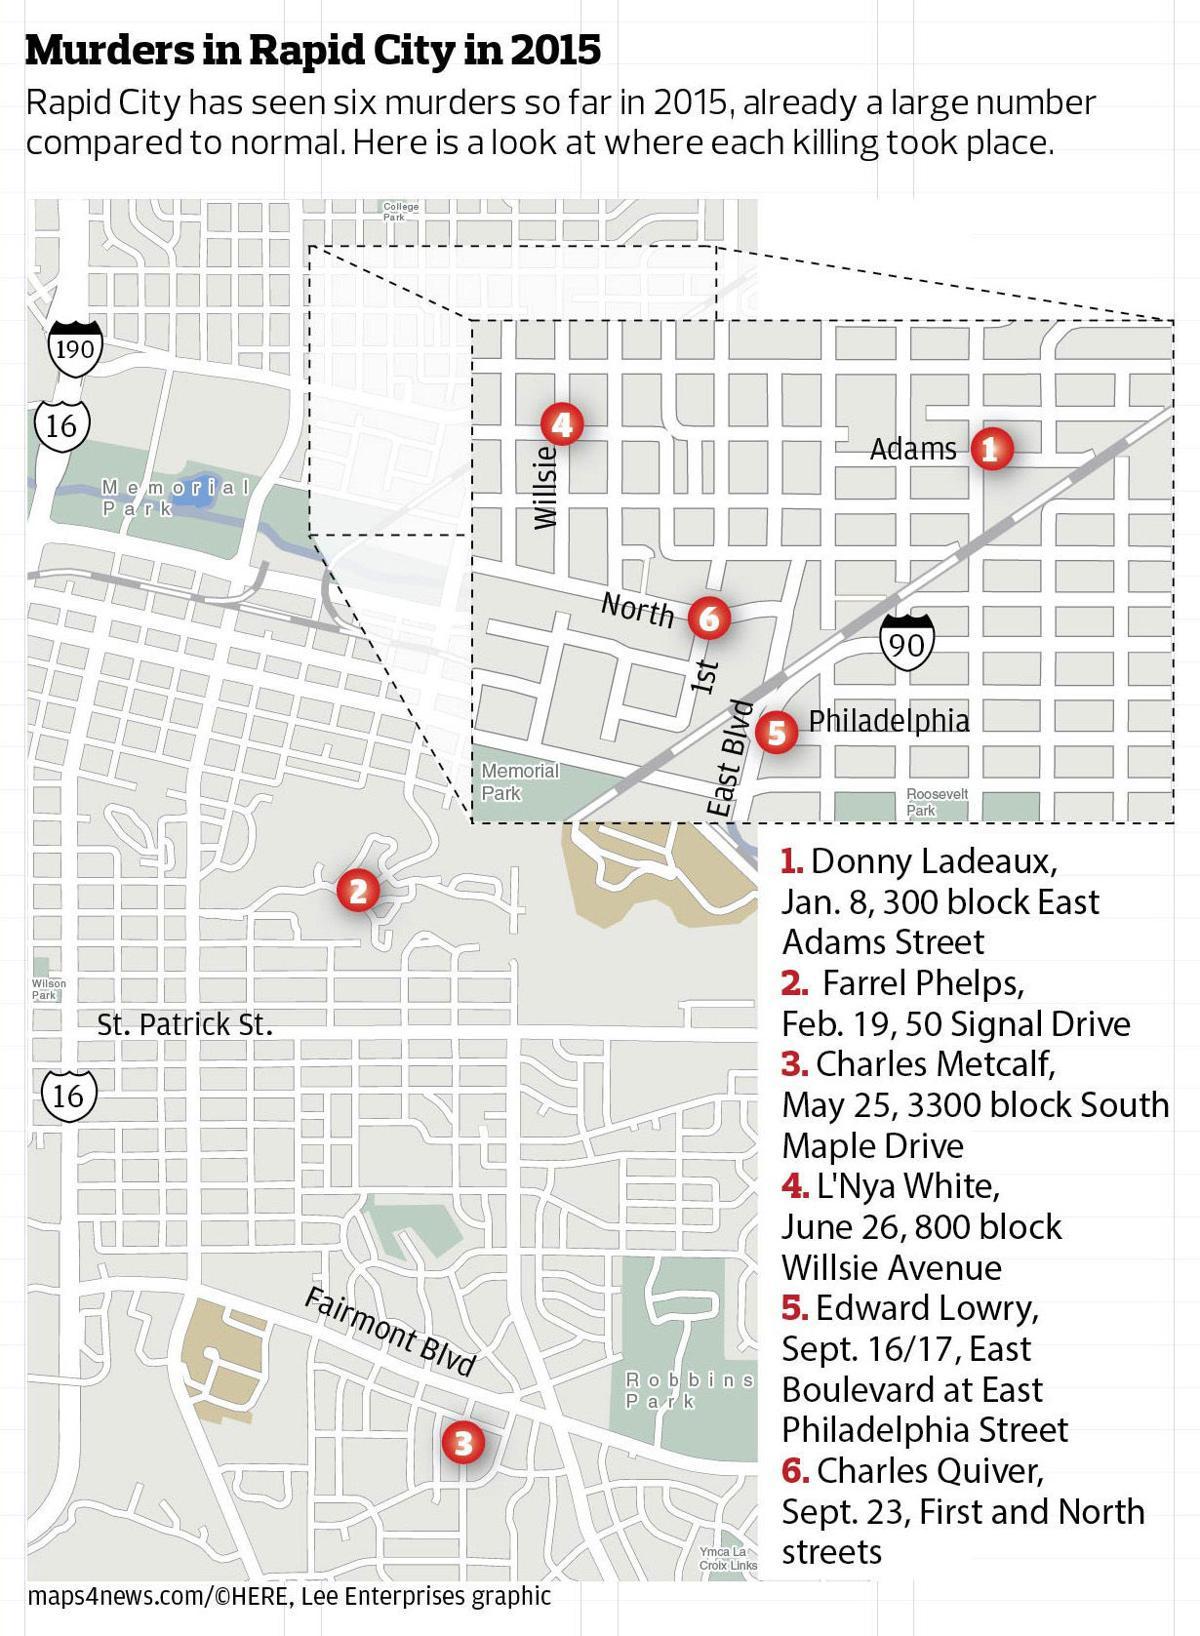 Murders in Rapid City in 2015